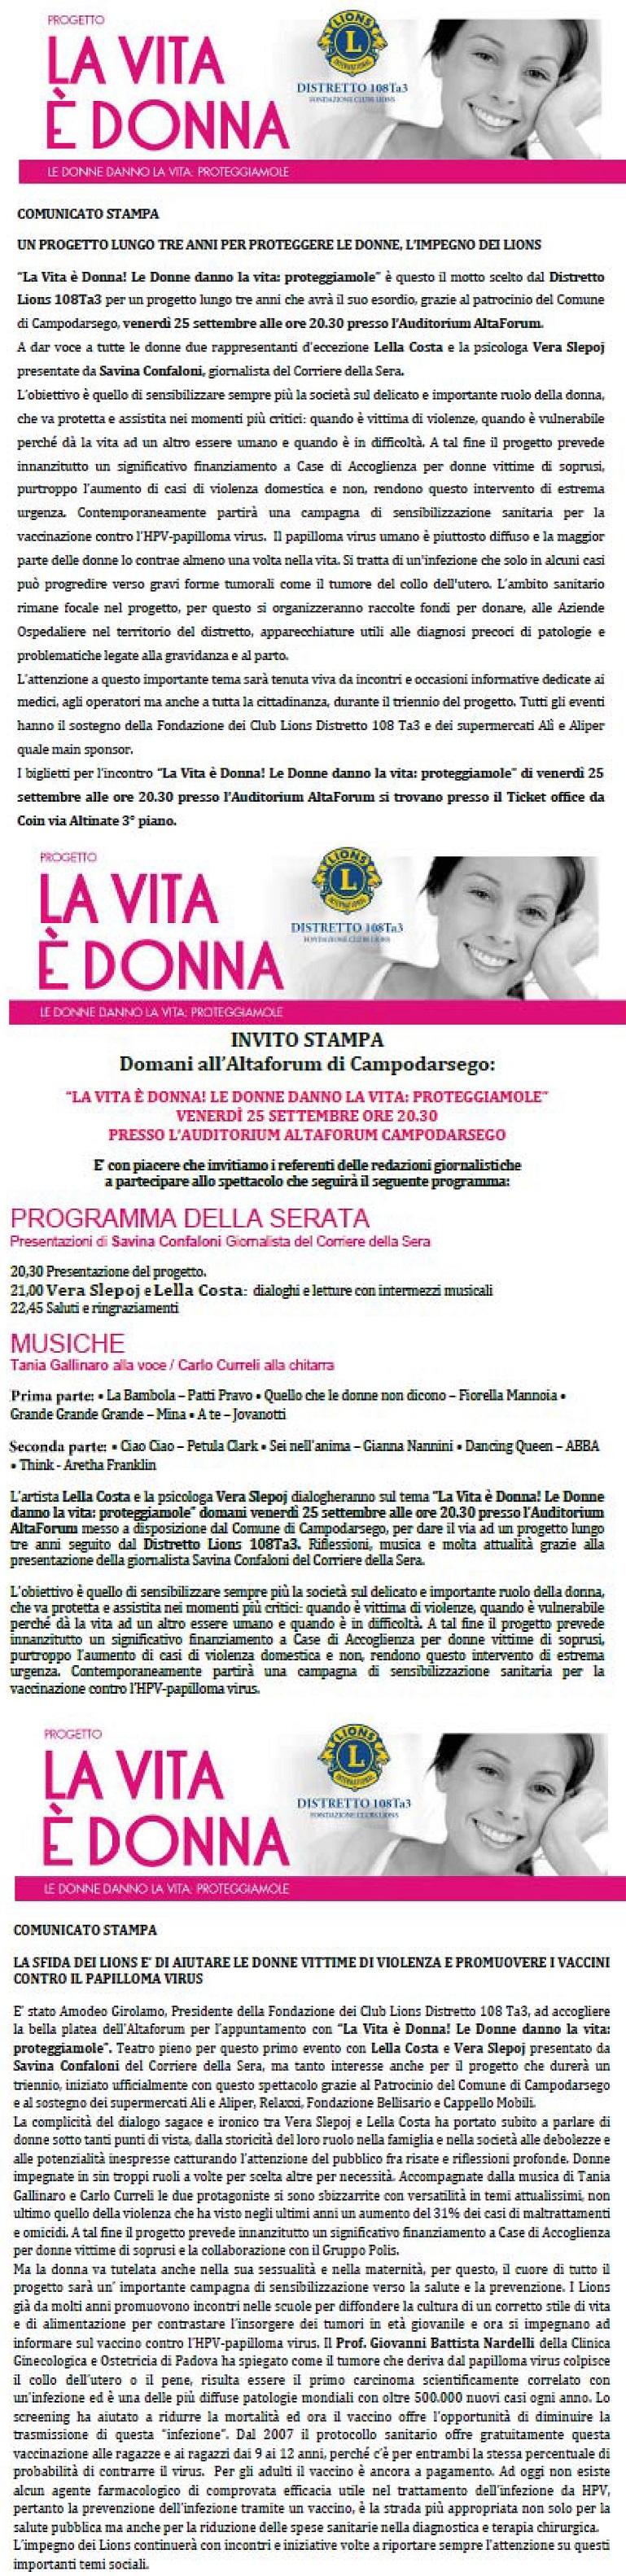 RASSEGNA STAMPA LIONS LA DONNA E VITA .estratto